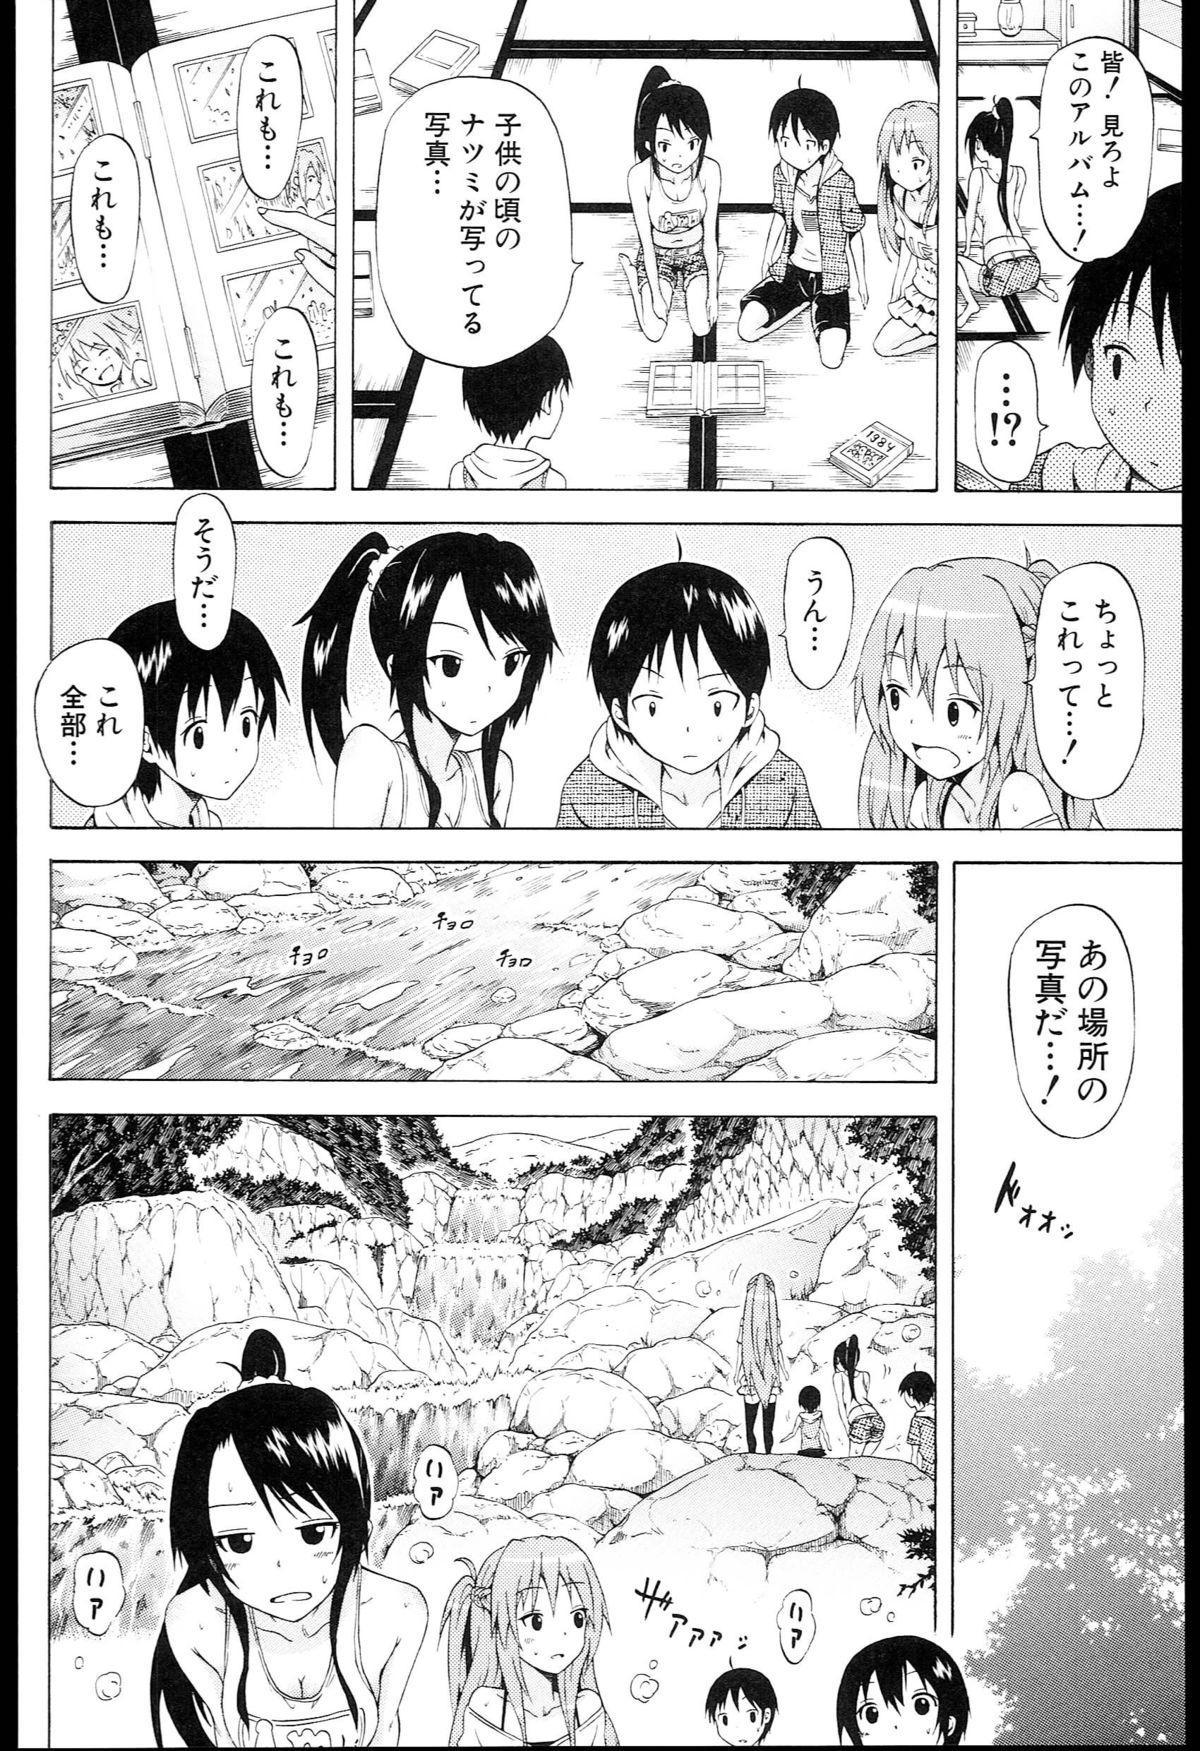 Natsumitsu x Harem + Melonbooks Gentei Shousasshi 166